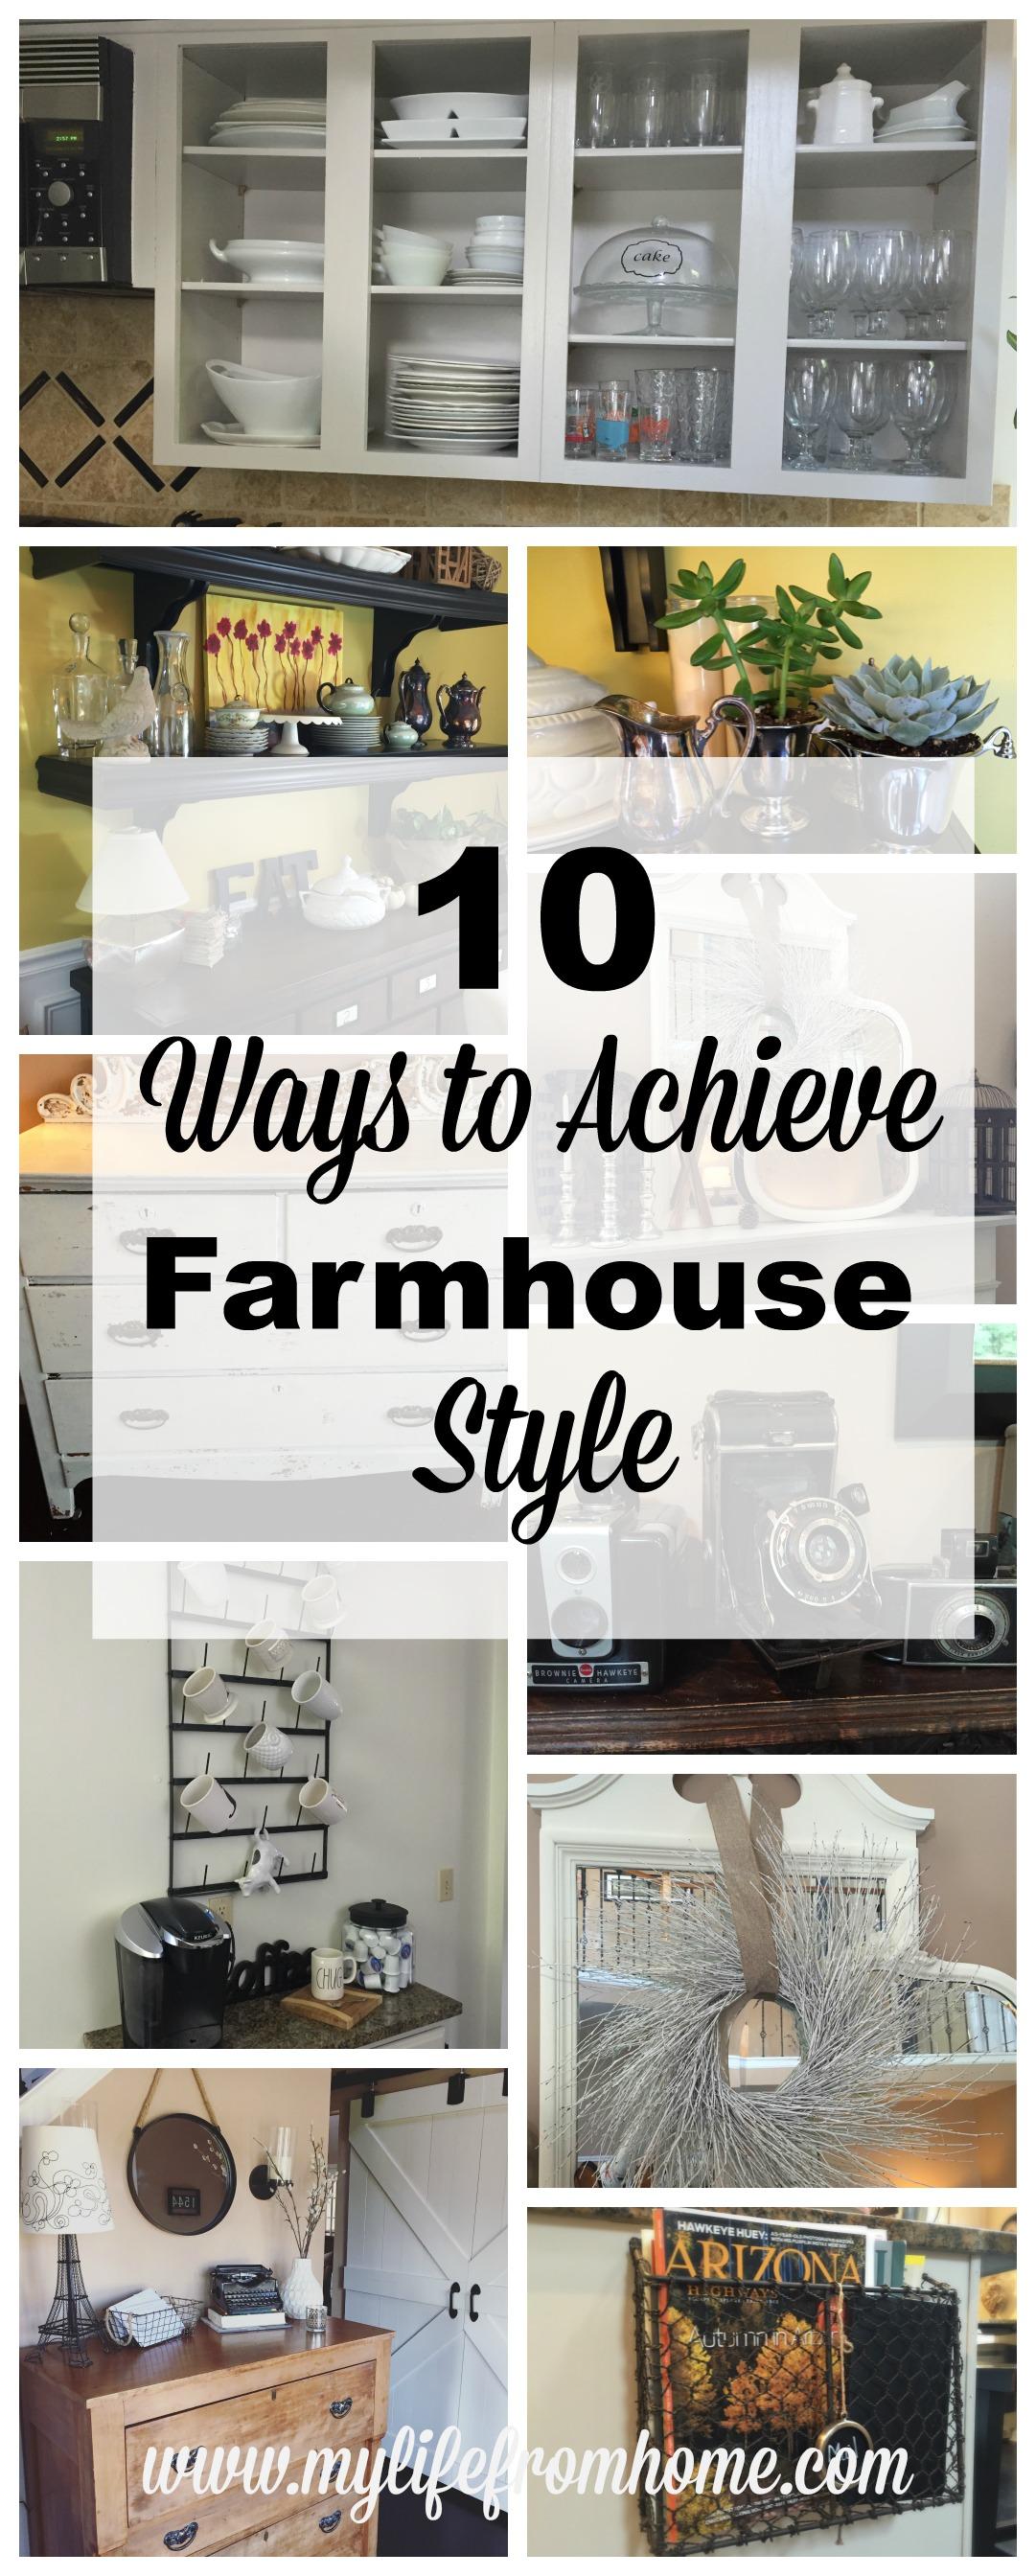 10 Ways to Achieve Farmhouse Style by www.mylifefromhome.com